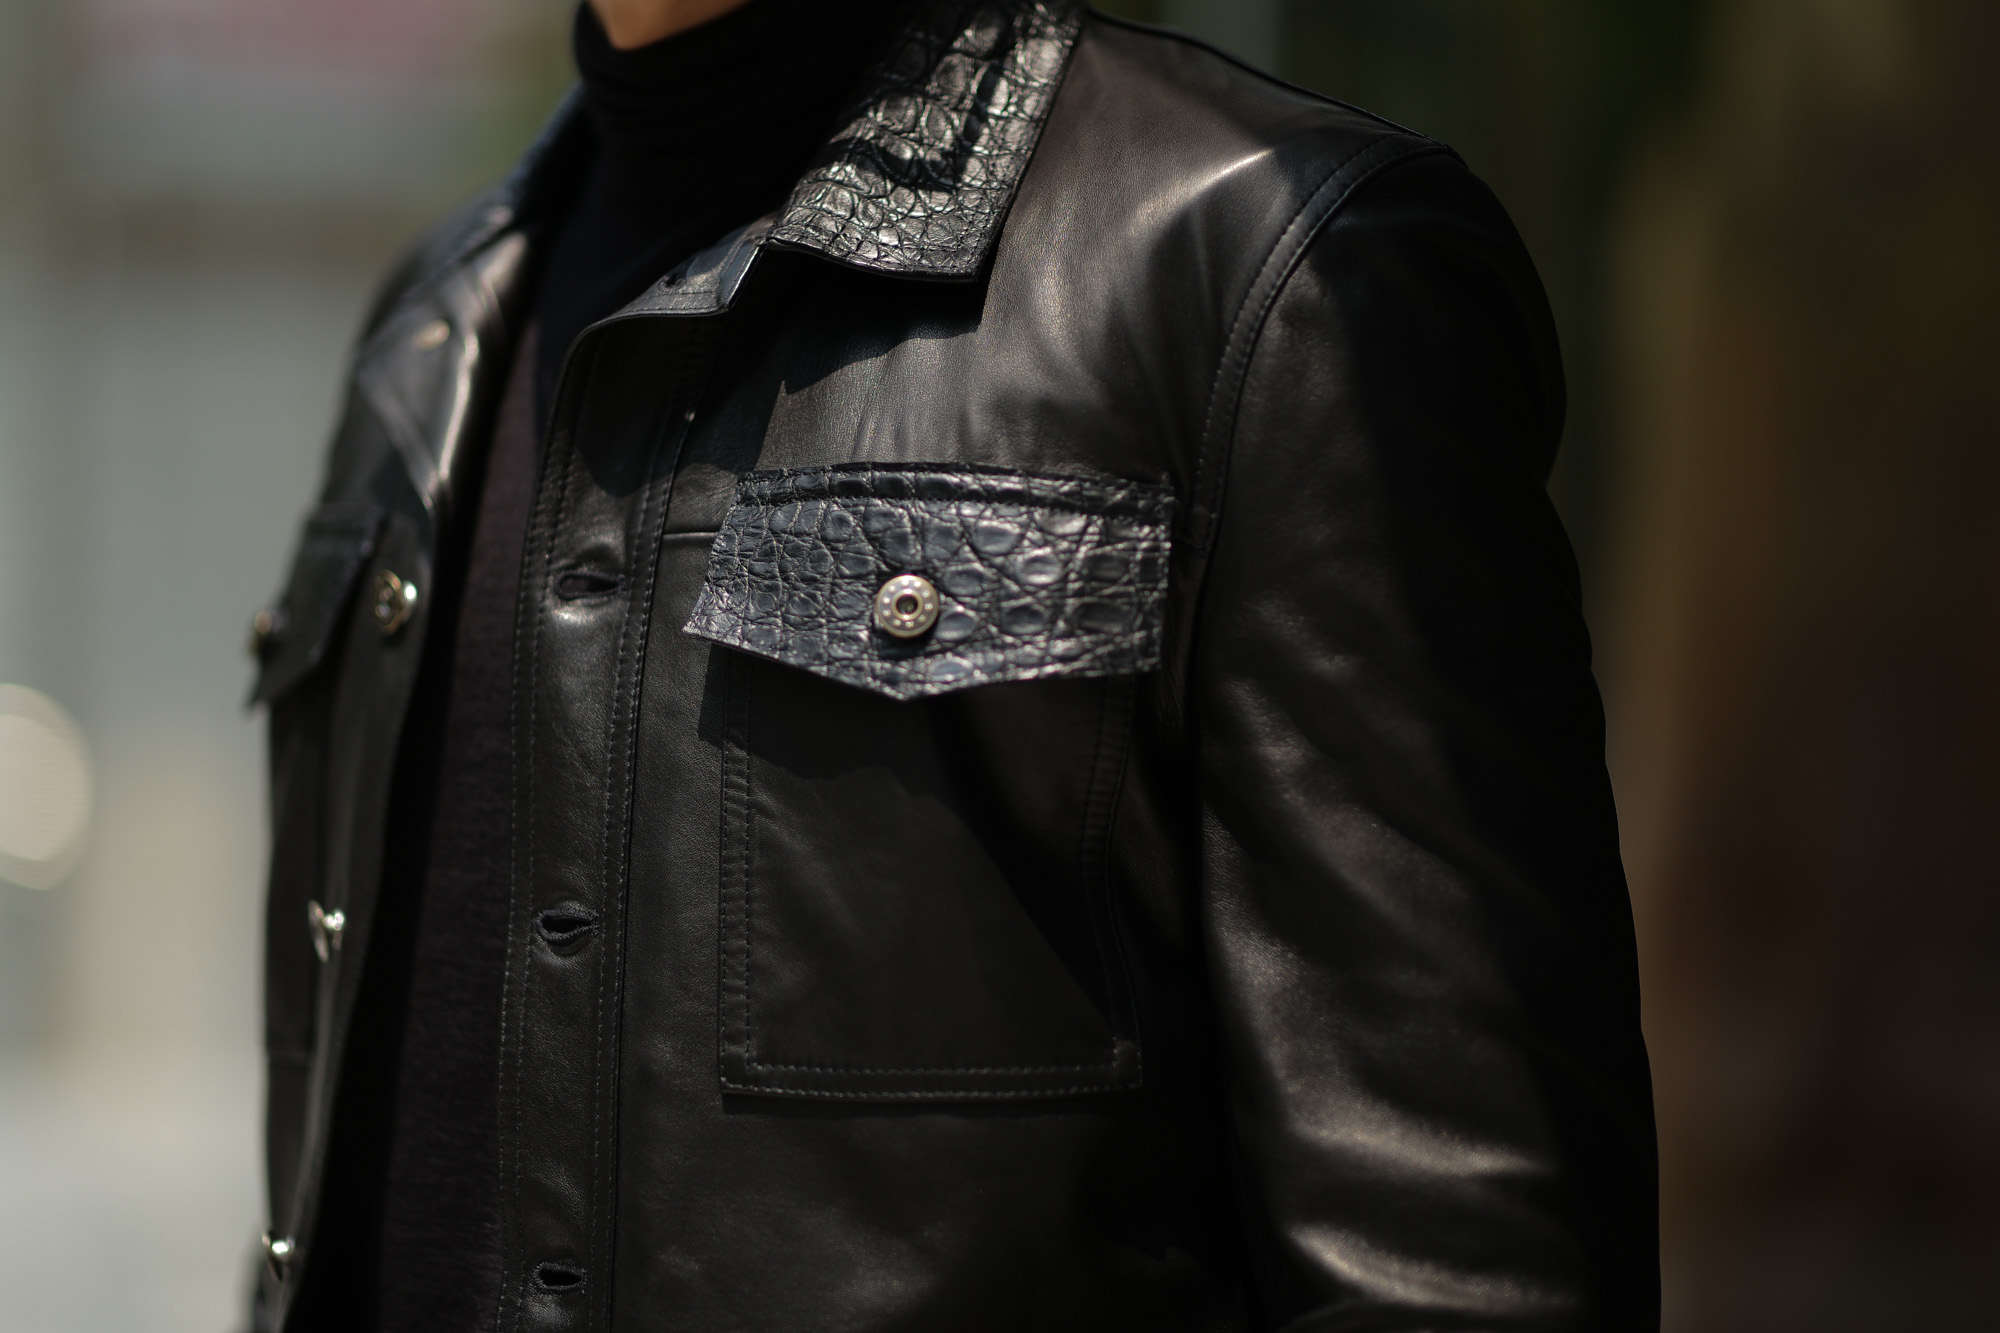 EMMETI (エンメティ) JAXON COCCODRILLO (ジャクソン コッコドリッロ) Lambskin Nappa Leather × Crocodile Leather ラムナッパレザー × クロコダイルレザー ジャケット NERO (ブラック・190/1) Made in italy (イタリア製) 2018 秋冬 【ご予約受け付け中】 emmeti エンメティ 愛知 名古屋 ZODIAC ゾディアック